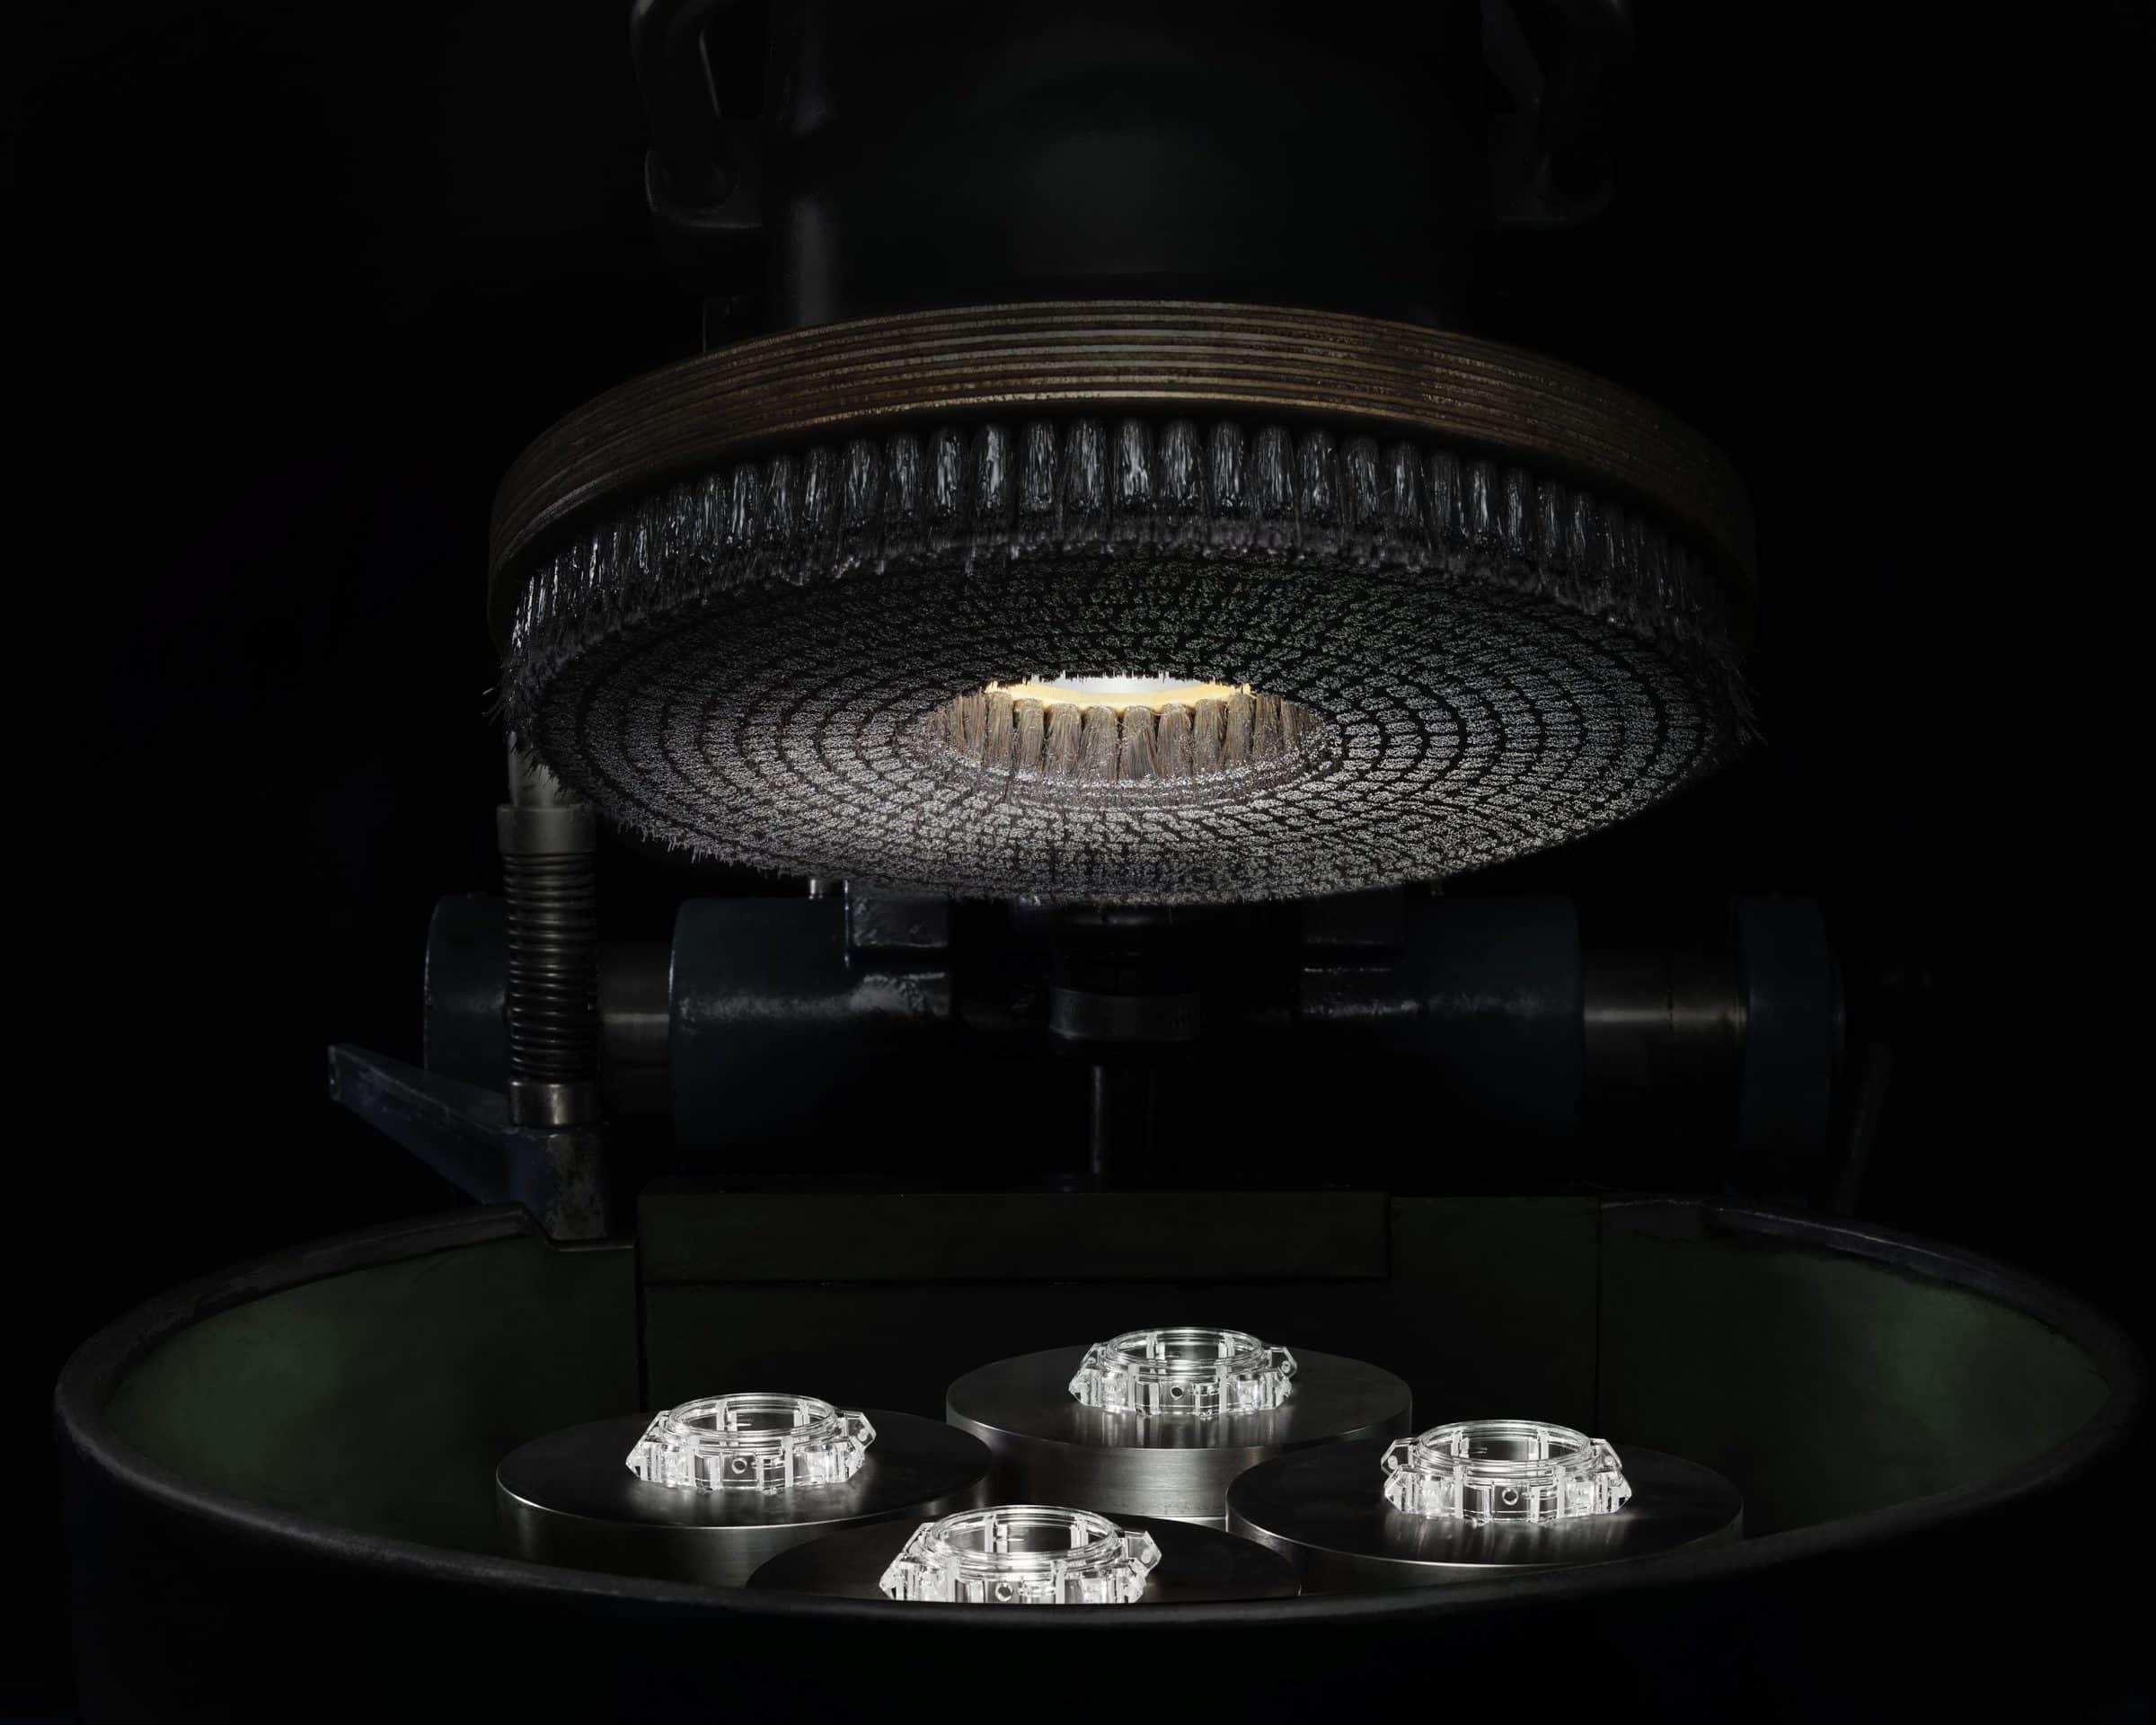 Gehäusepolitur der Gehäuse für das Hublot Modell der Big Bang Integral Full Sapphire